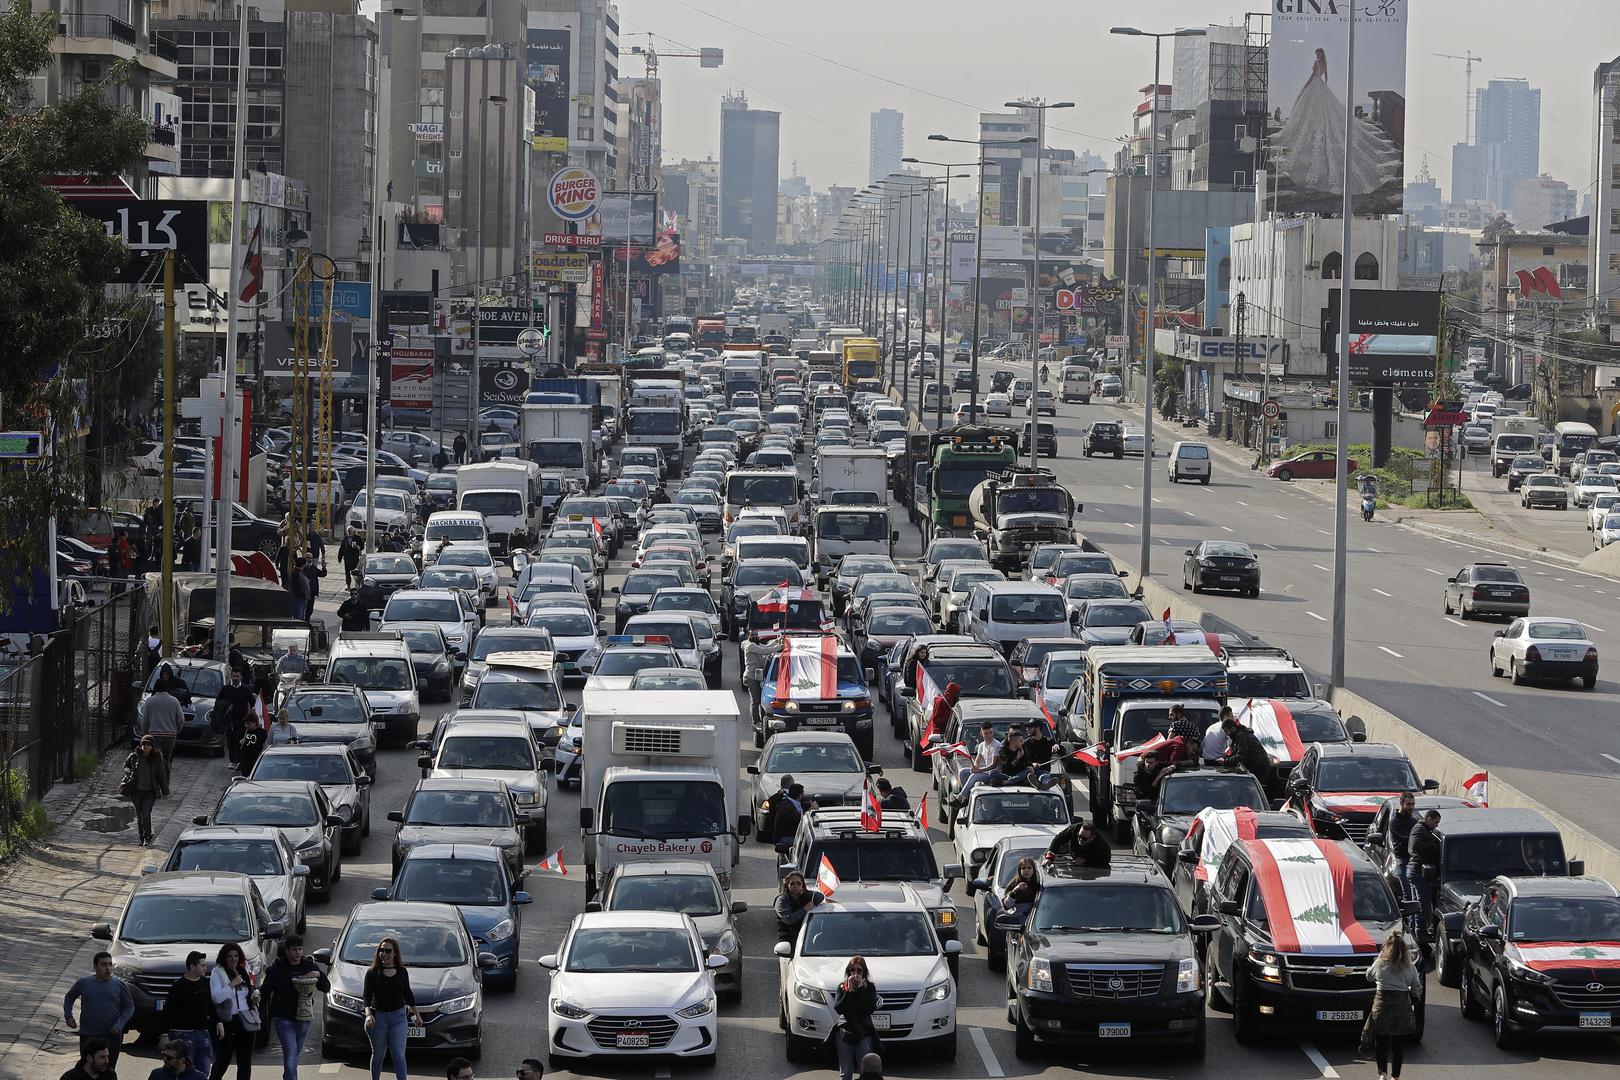 Liban : des manifestants dans les rues exigent la formation d'un gouvernement